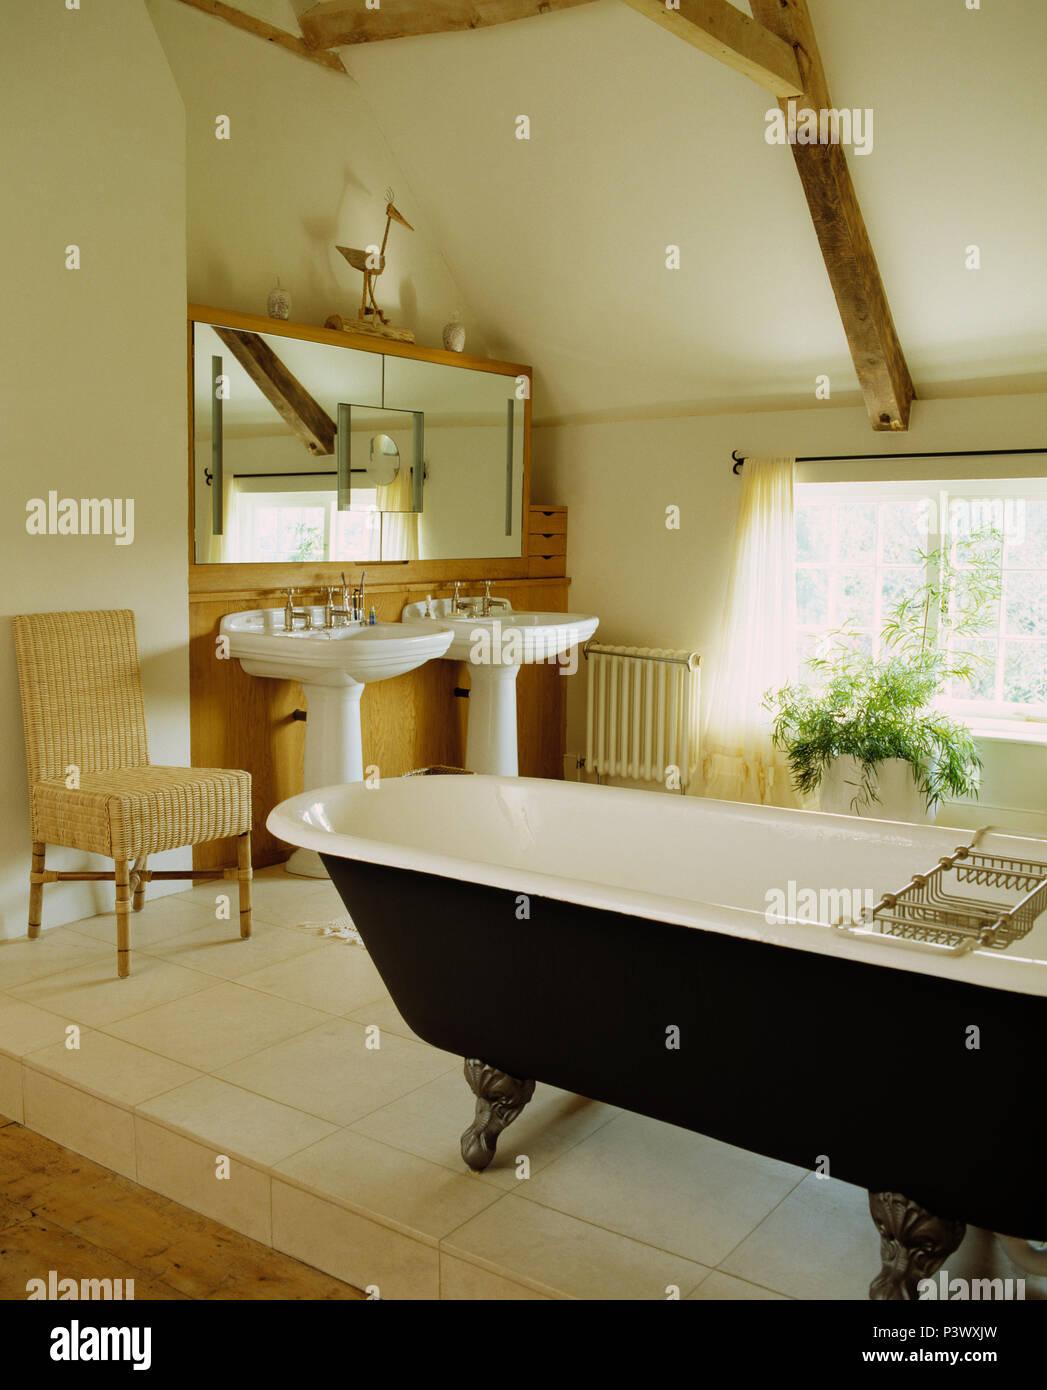 Socle double miroir en bassins ci-dessous pays salle de bain ...